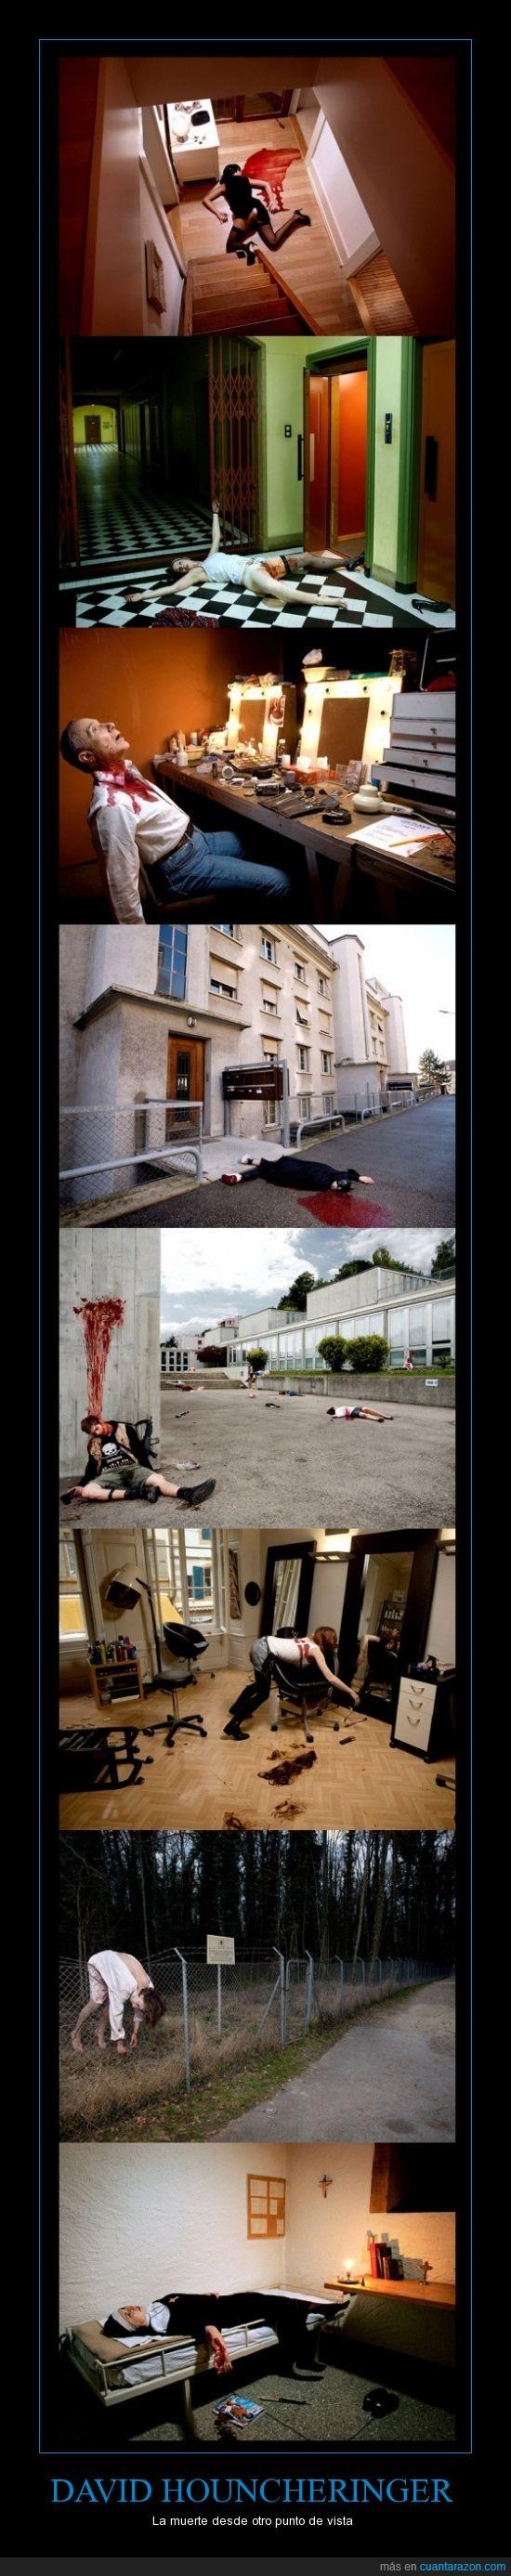 fotografia,macabro,monja,morir,muerte,sangre